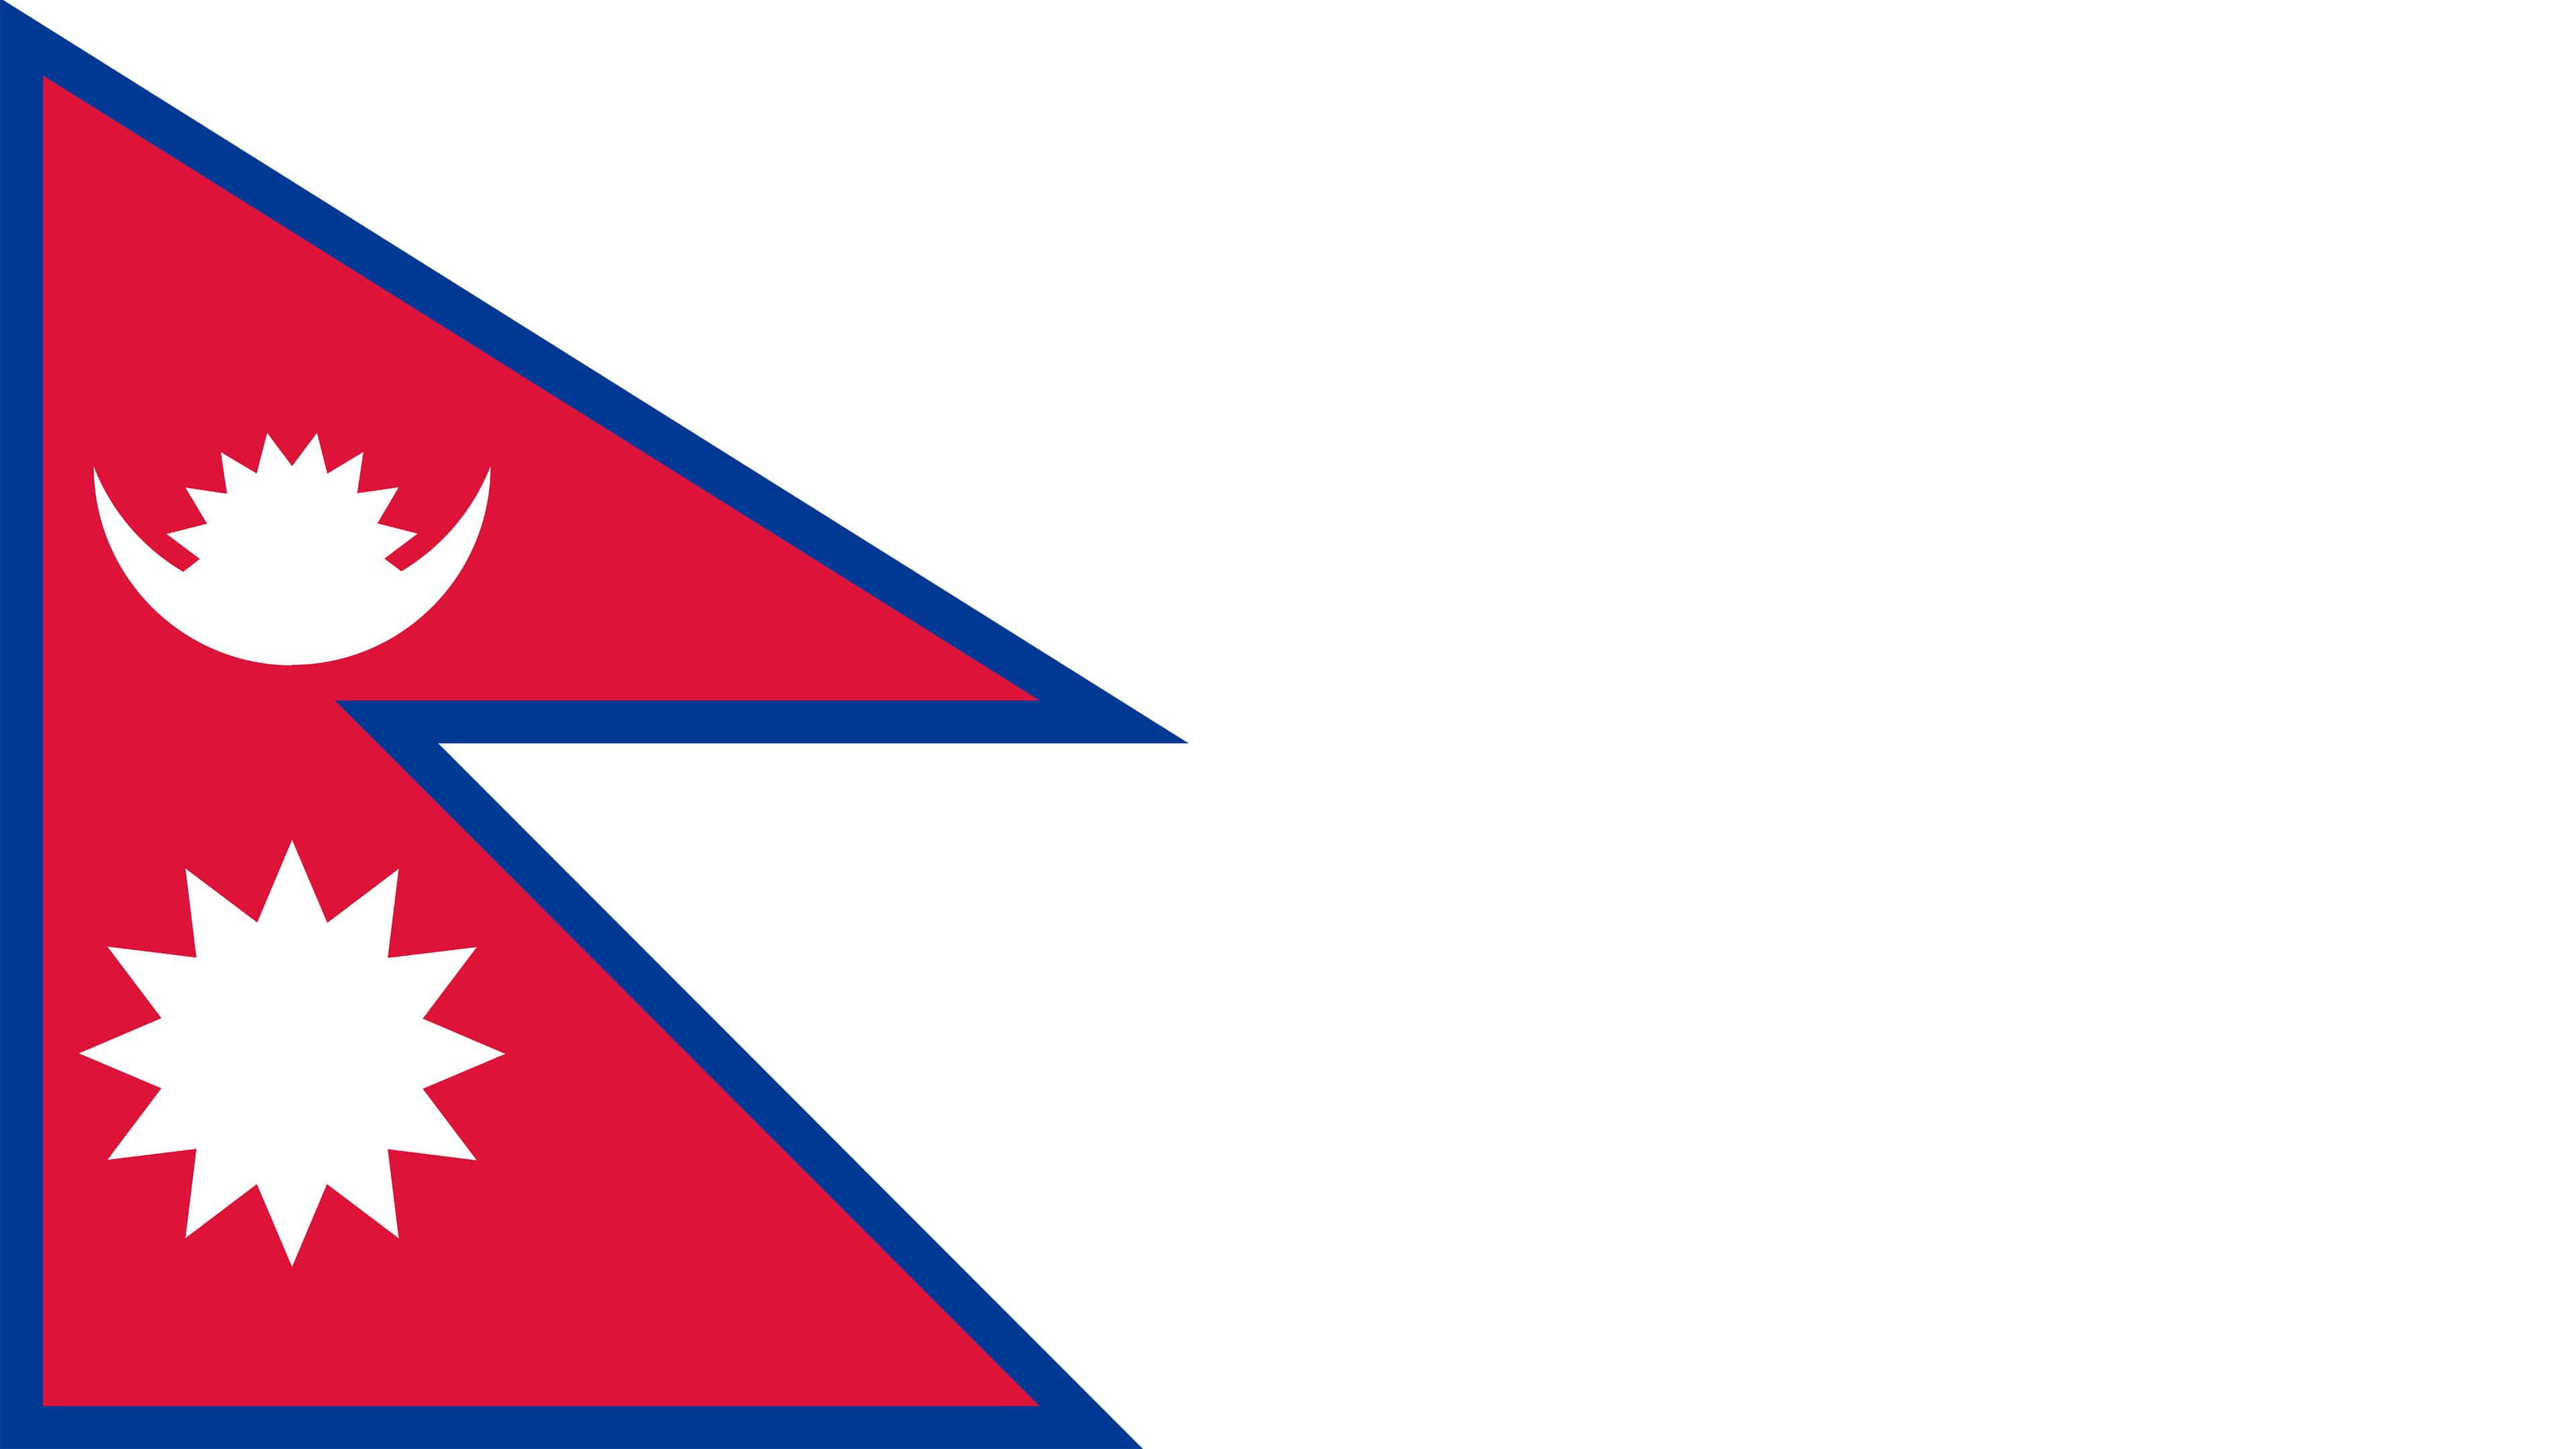 nepal flag uhd 4k wallpaper